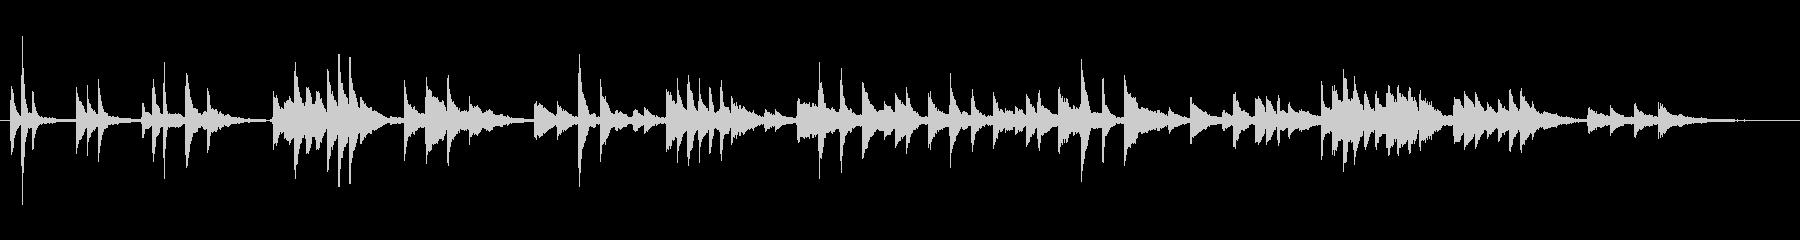 ピアノソロによる幻想的なワルツの未再生の波形